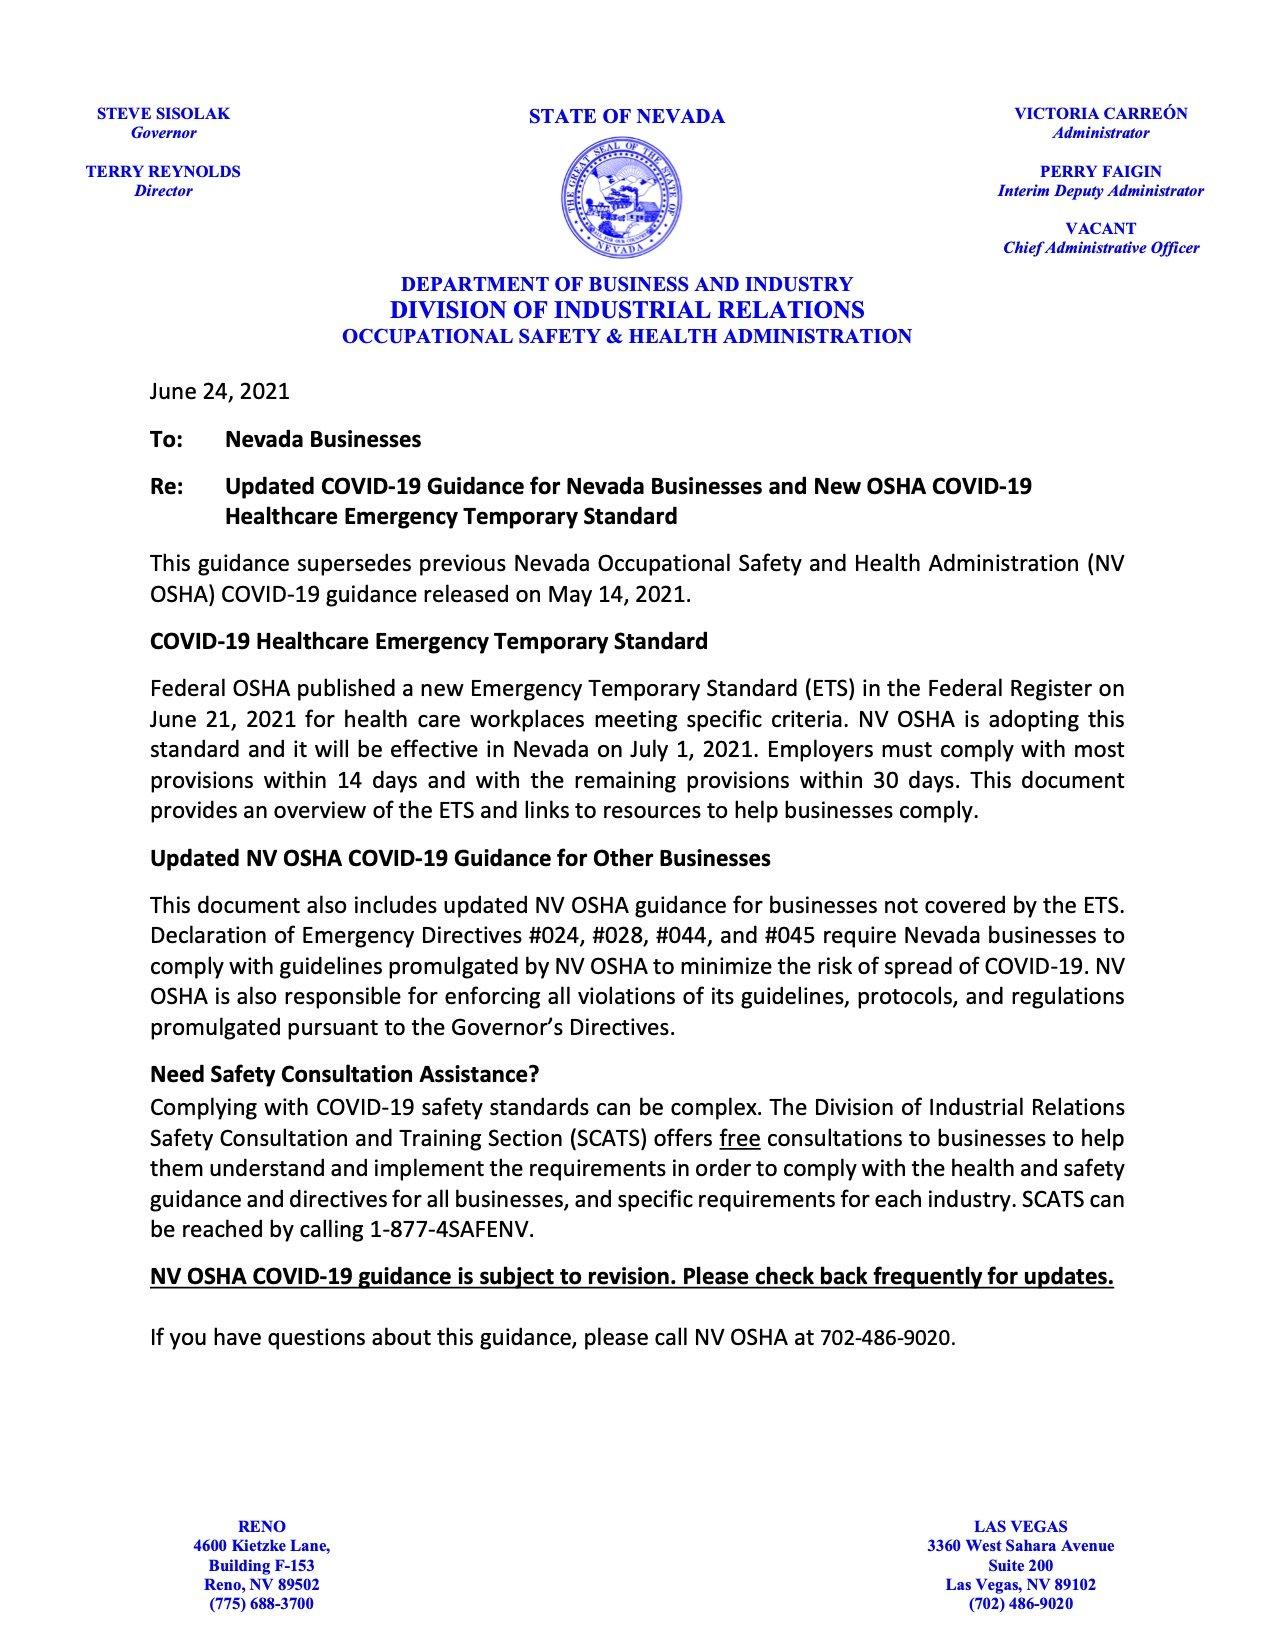 NV OSHA Guidance 6-24-2021